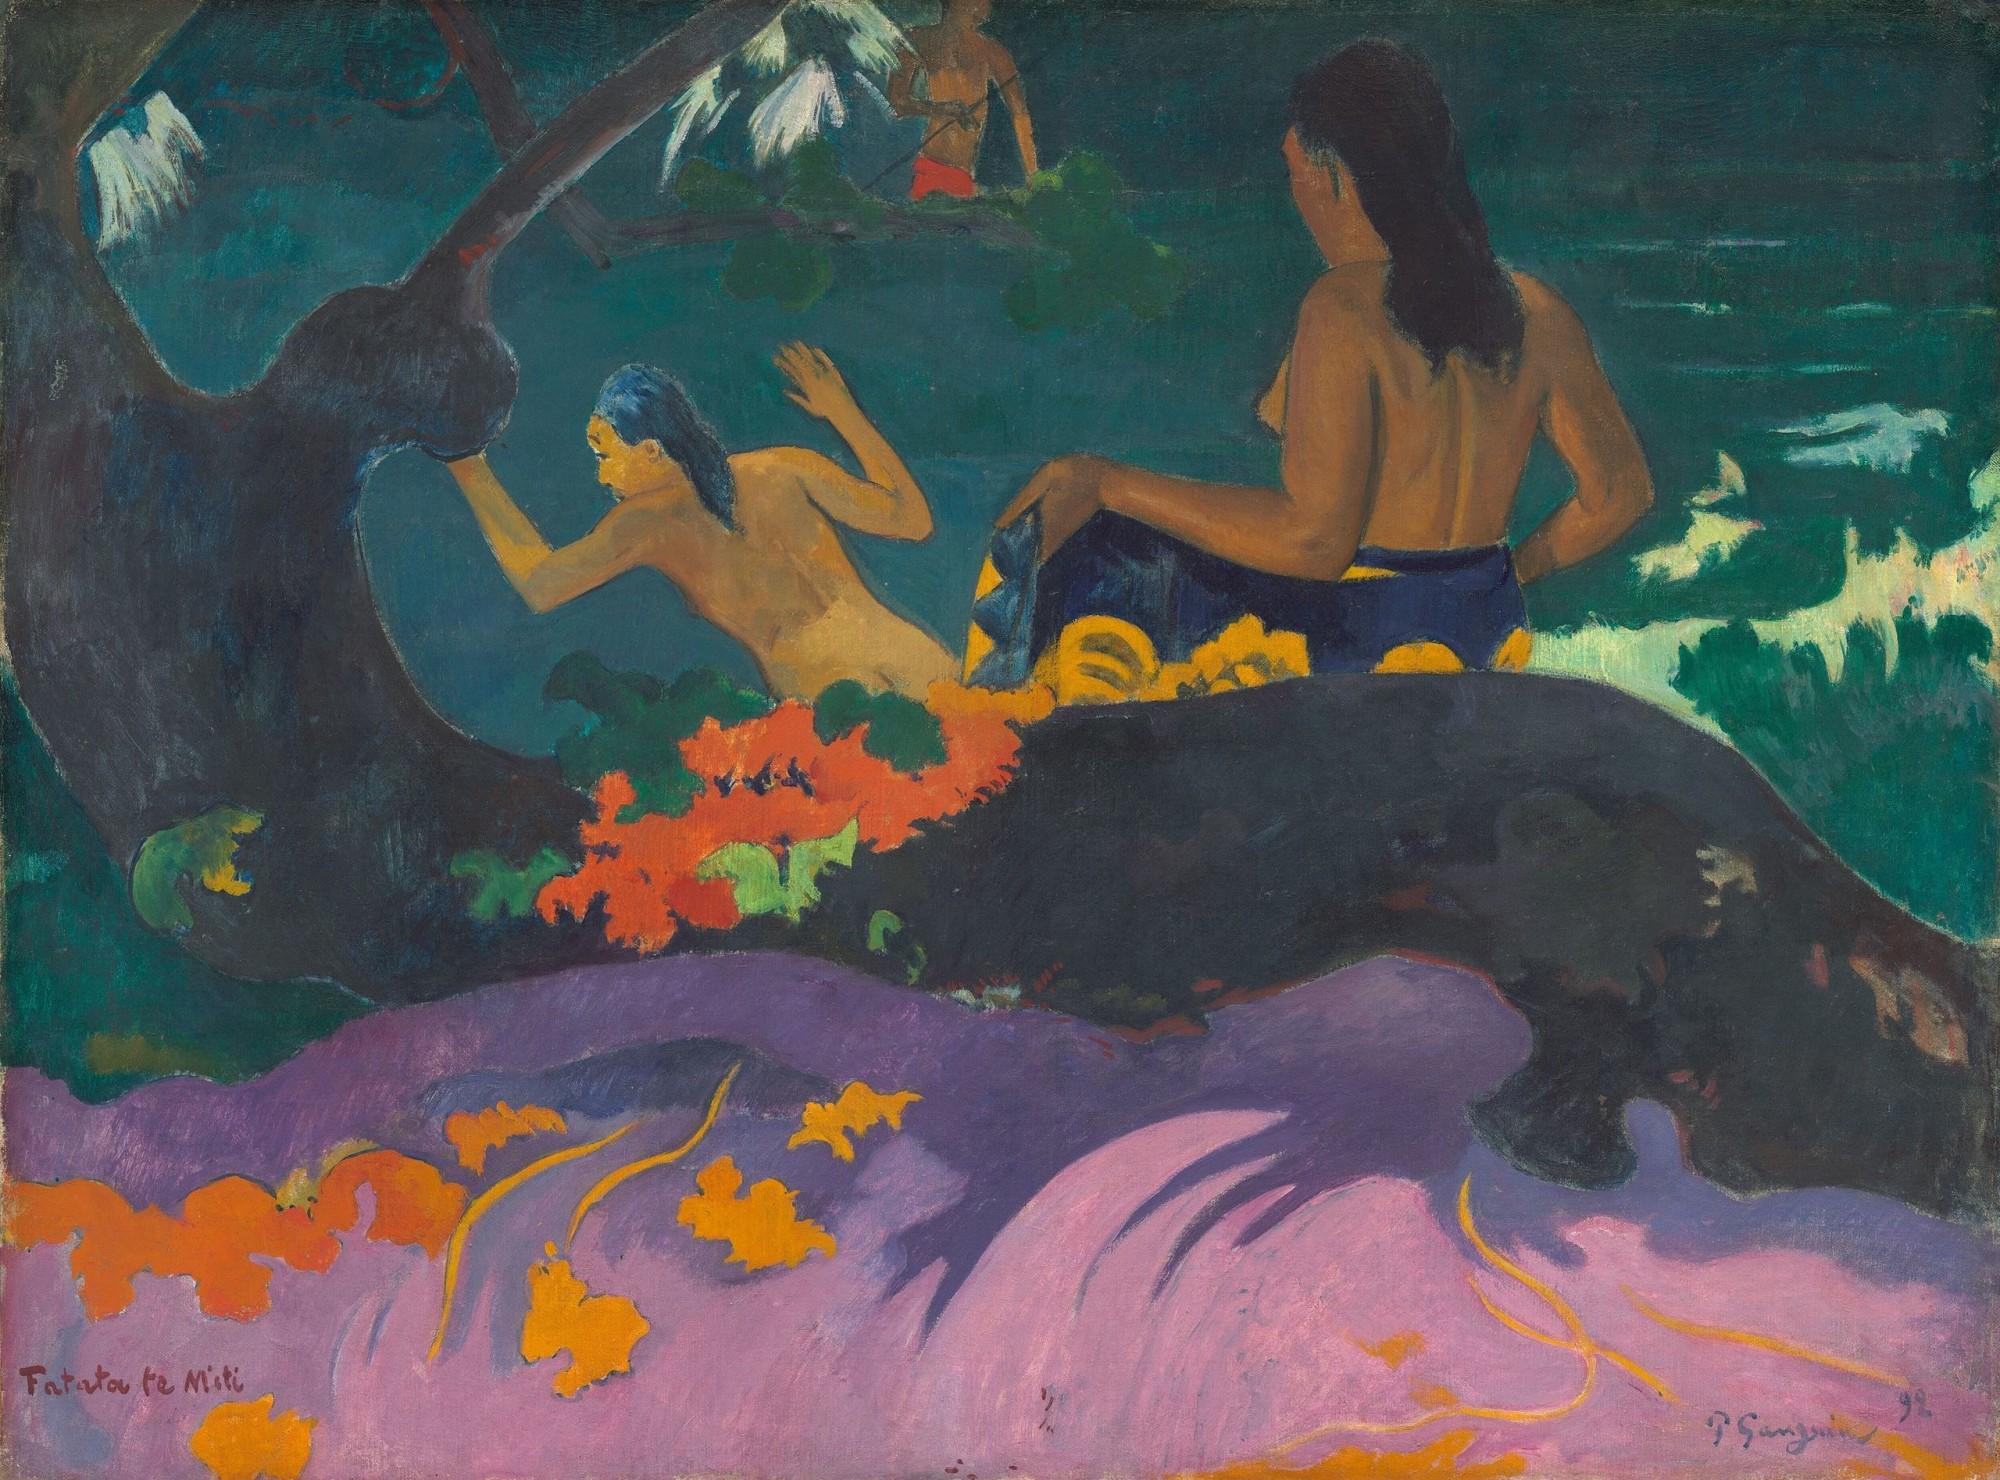 картина Возле моря (Fatata te miti) - Гоген Поль ( Paul Gauguin ) фото